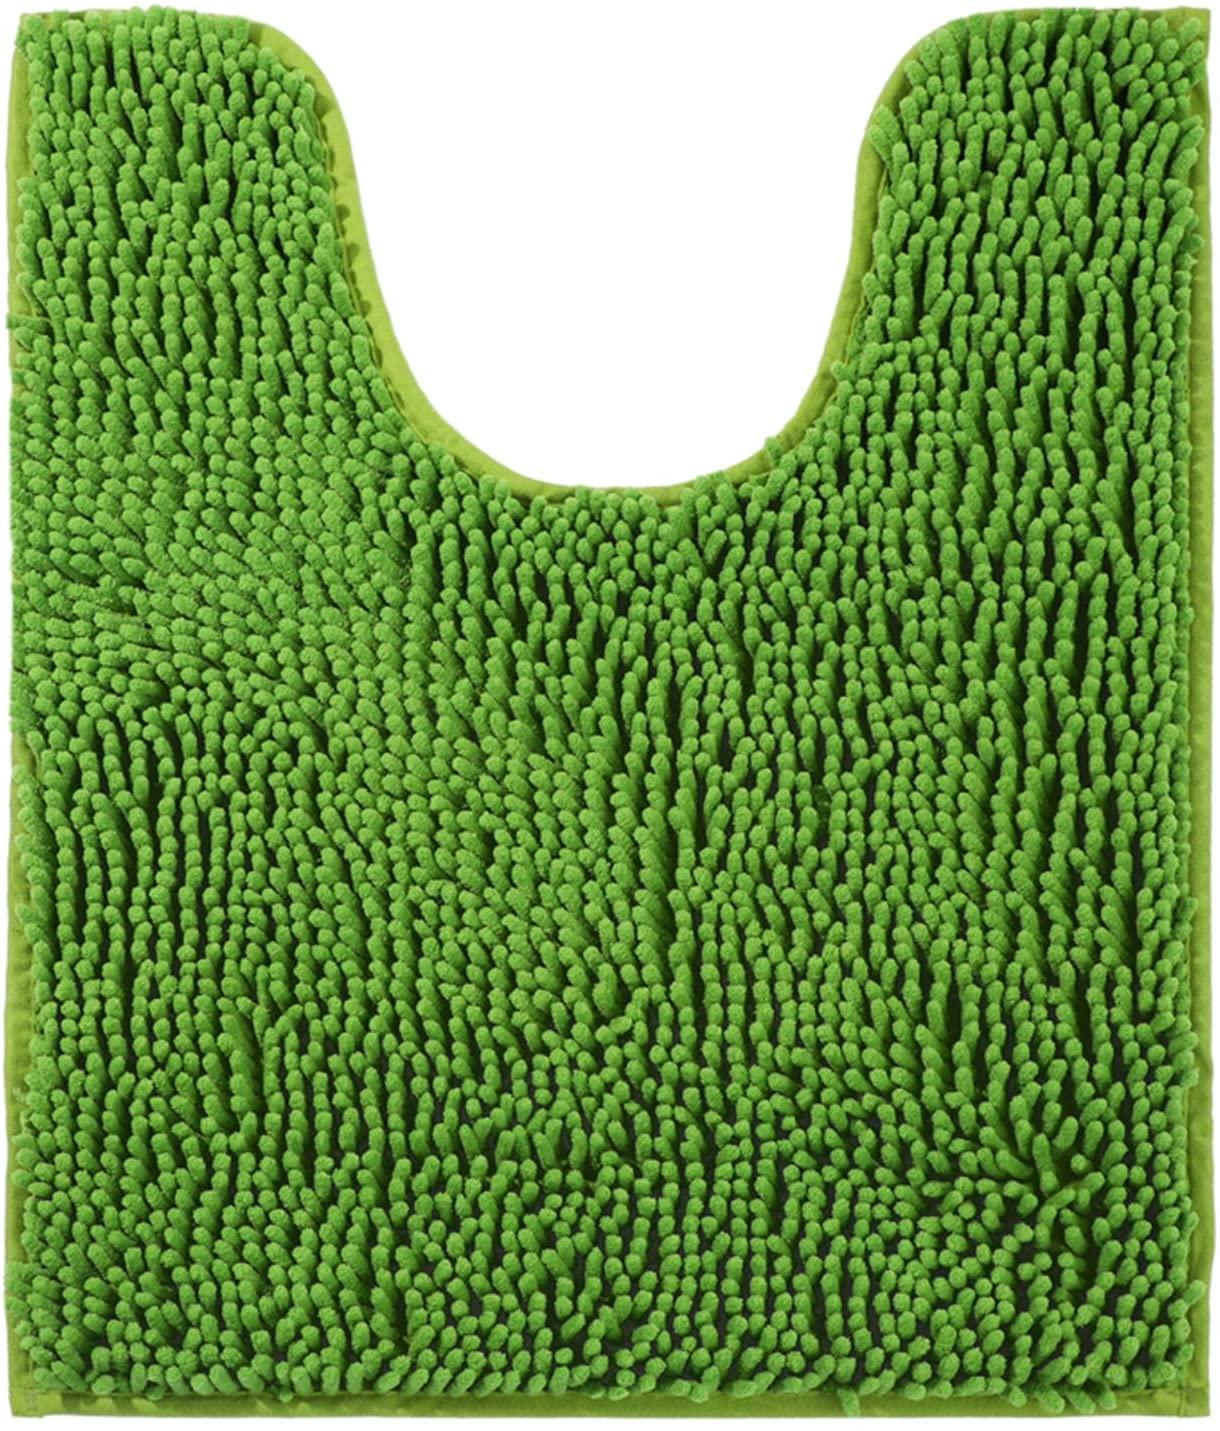 Green Bathroom Rugs Non Slip Curved Bath Mat 20